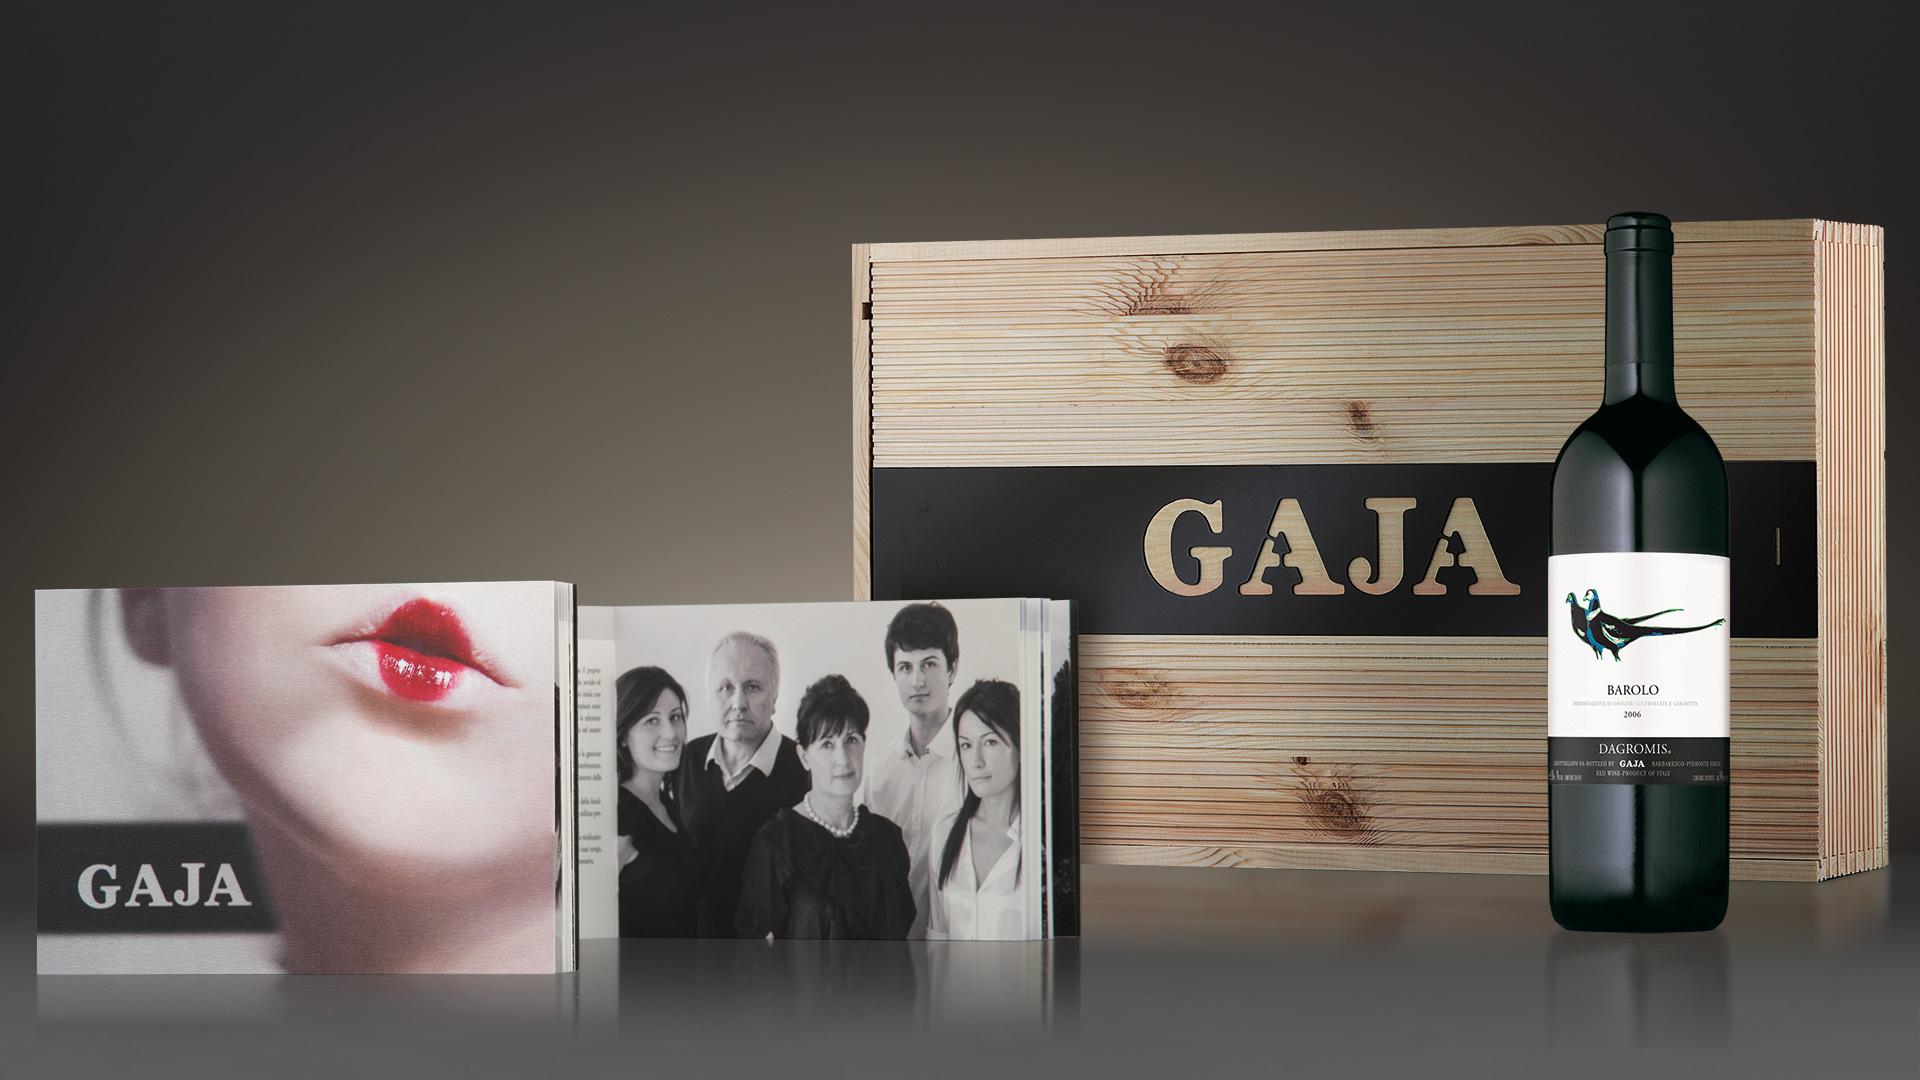 Gaja Secondary Packaging global design